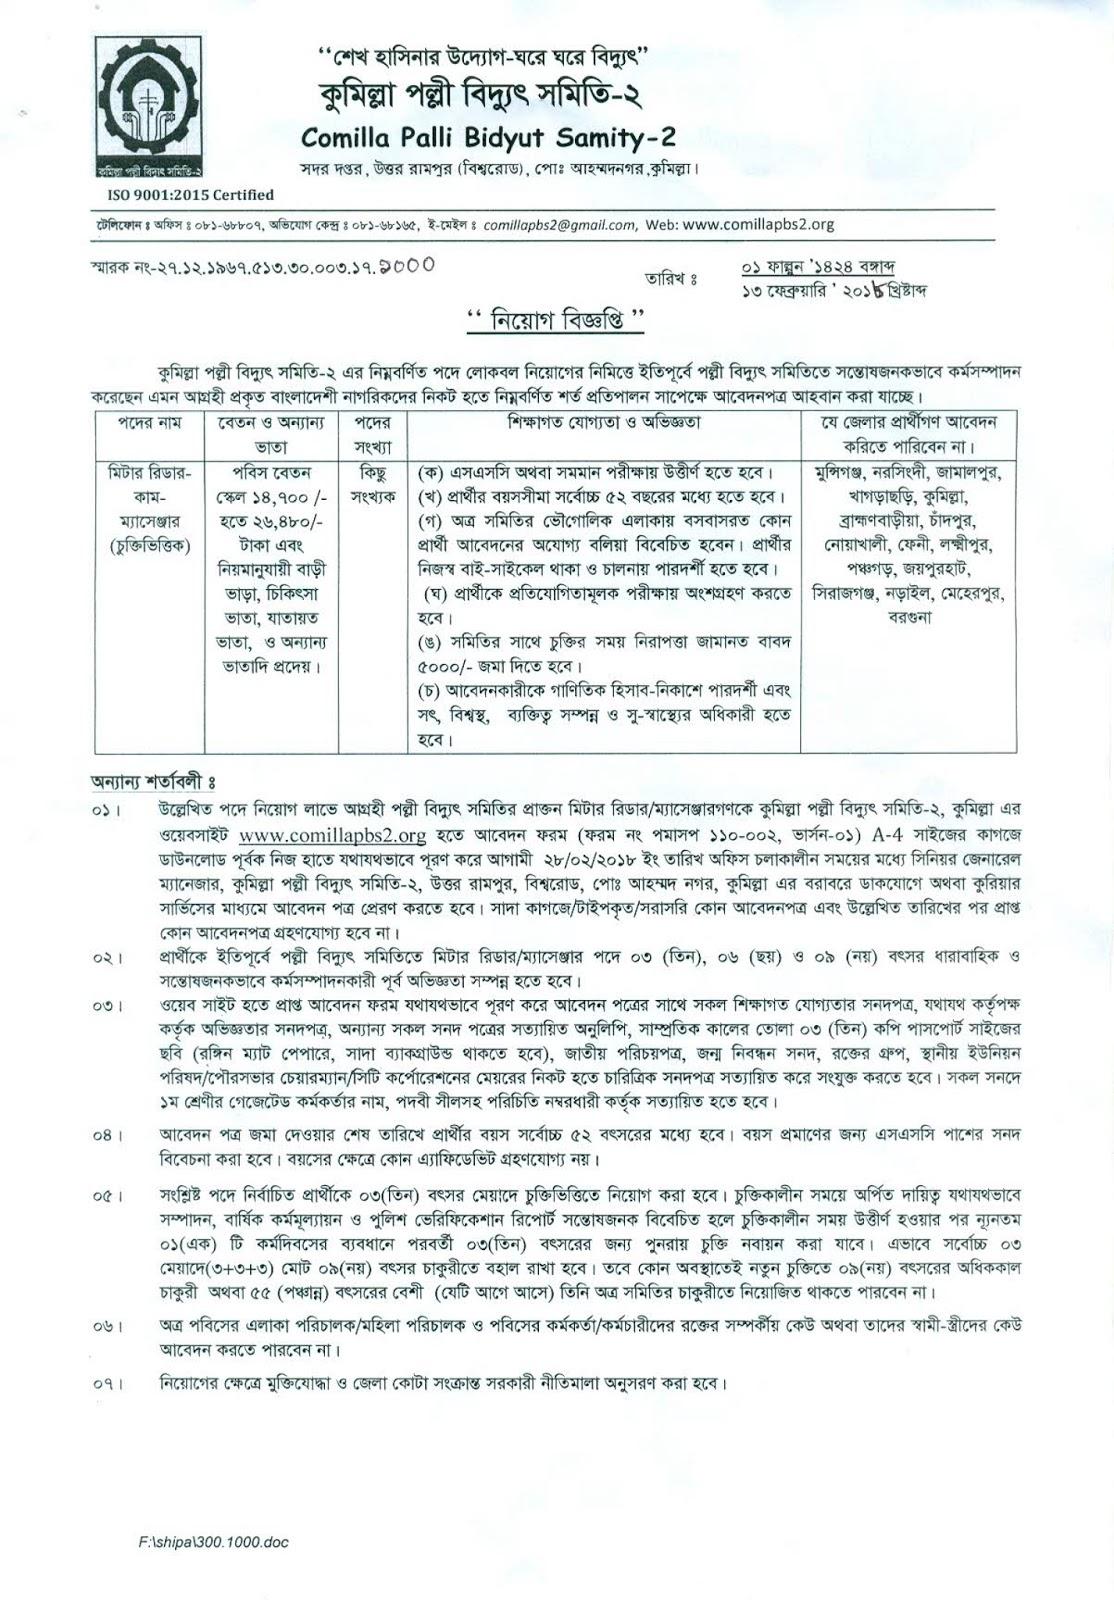 Comilla Palli Bidyut Samity-2 Job Circular 2018